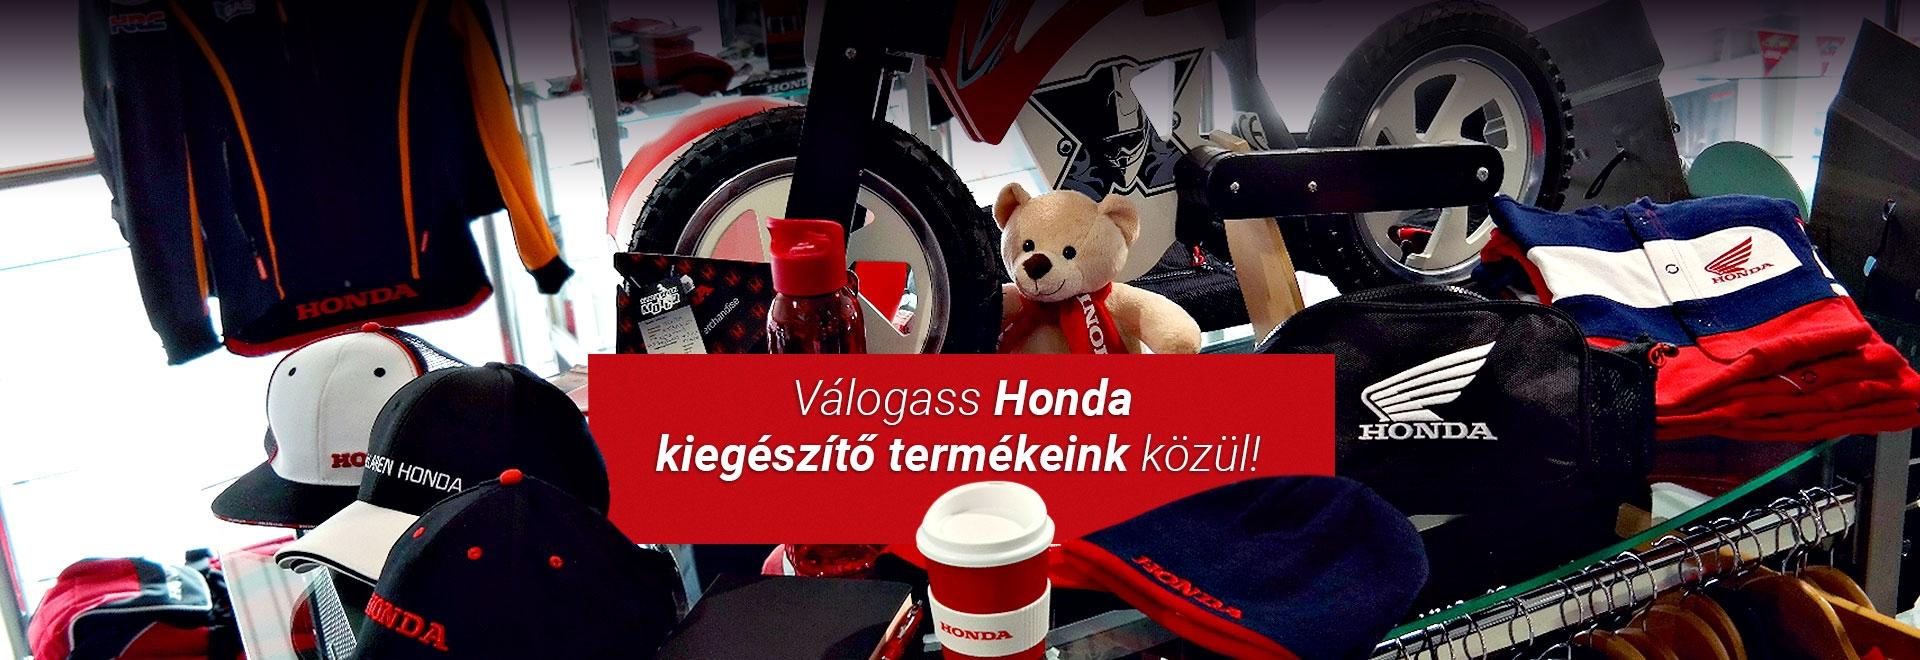 Honda-kiegeszitok